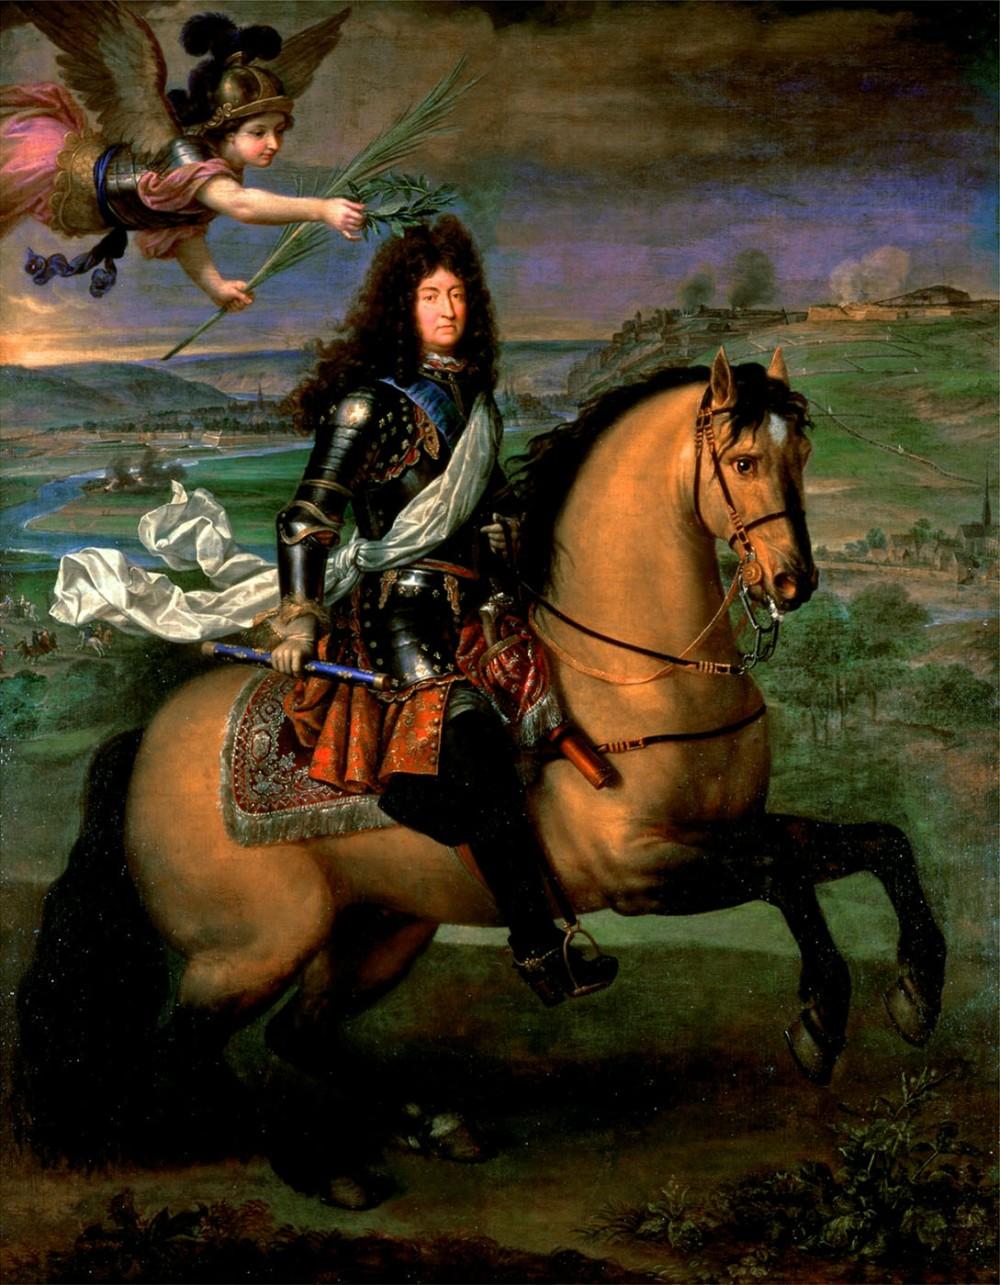 Pierre Mignard. Luis XIV coronado por la victoria en el sitio de Naumur. 1694. Palacio de Versalles.